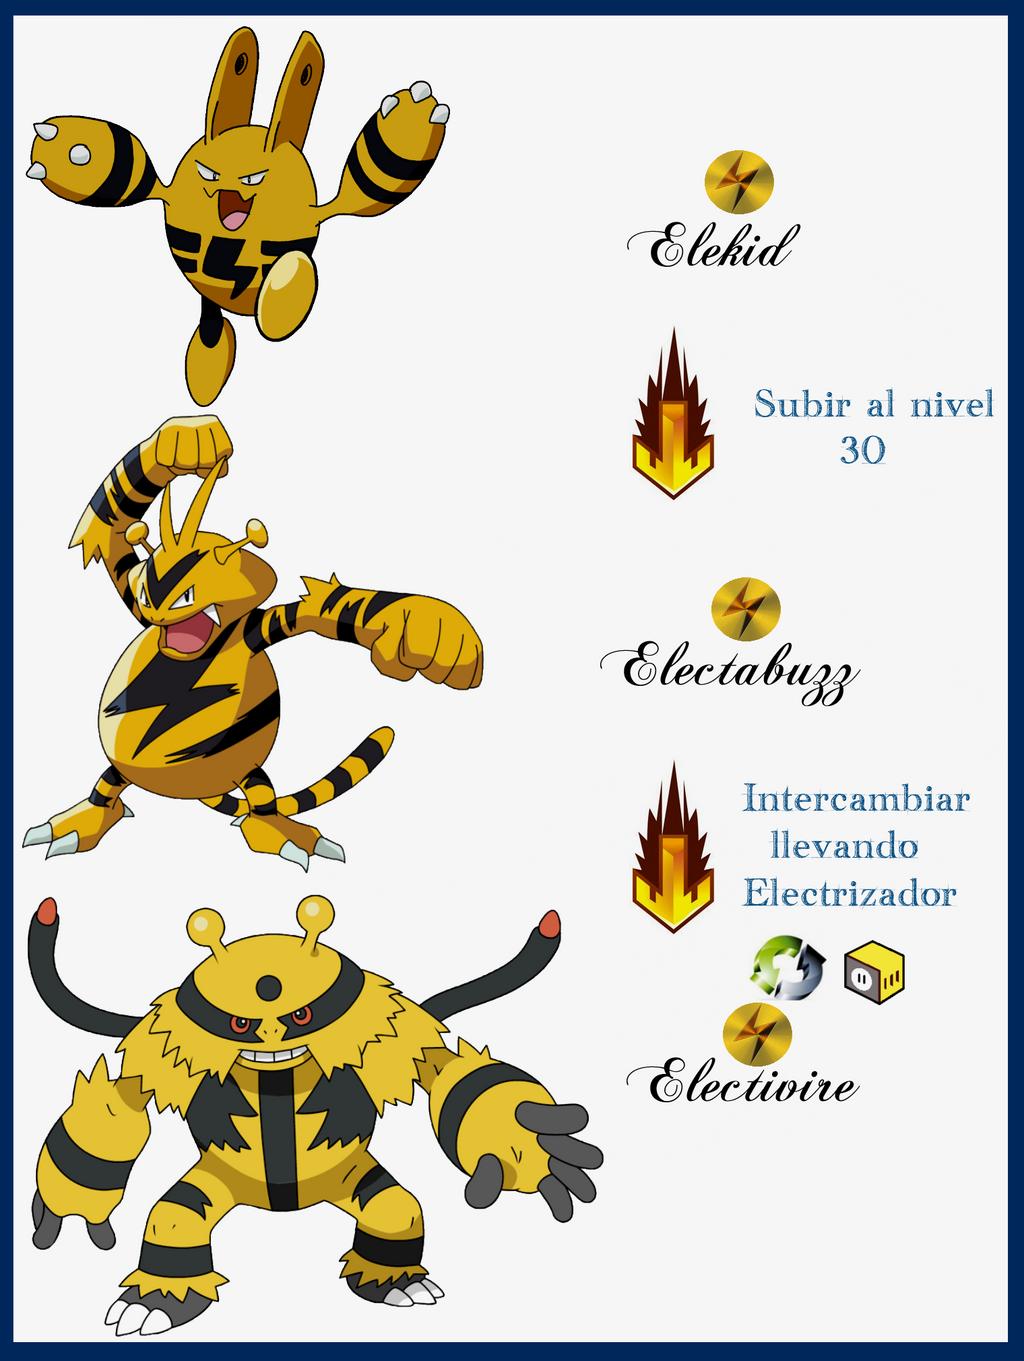 Pokemon Elekid Images | Pokemon Images